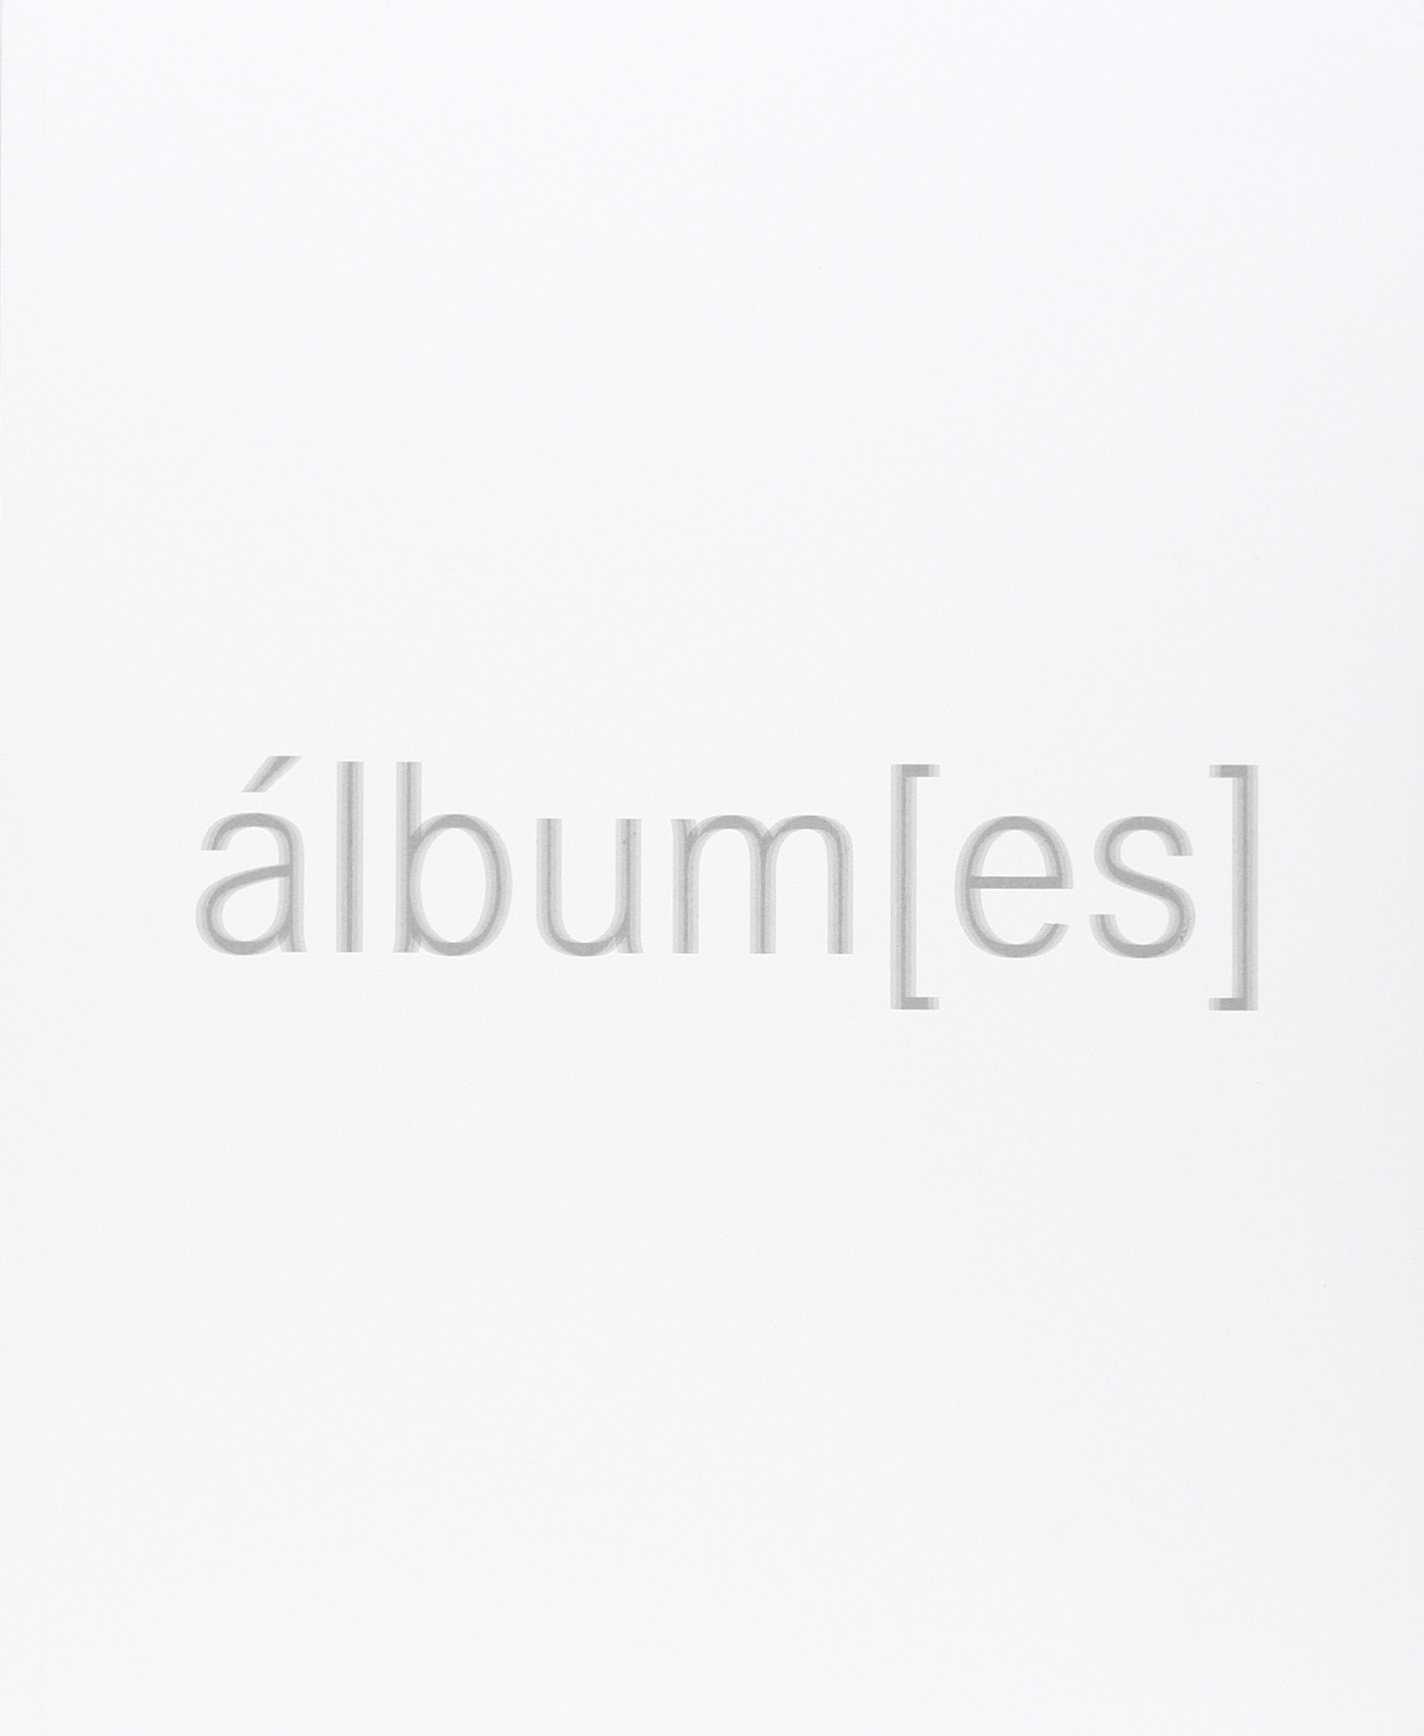 ALBUM(ES)